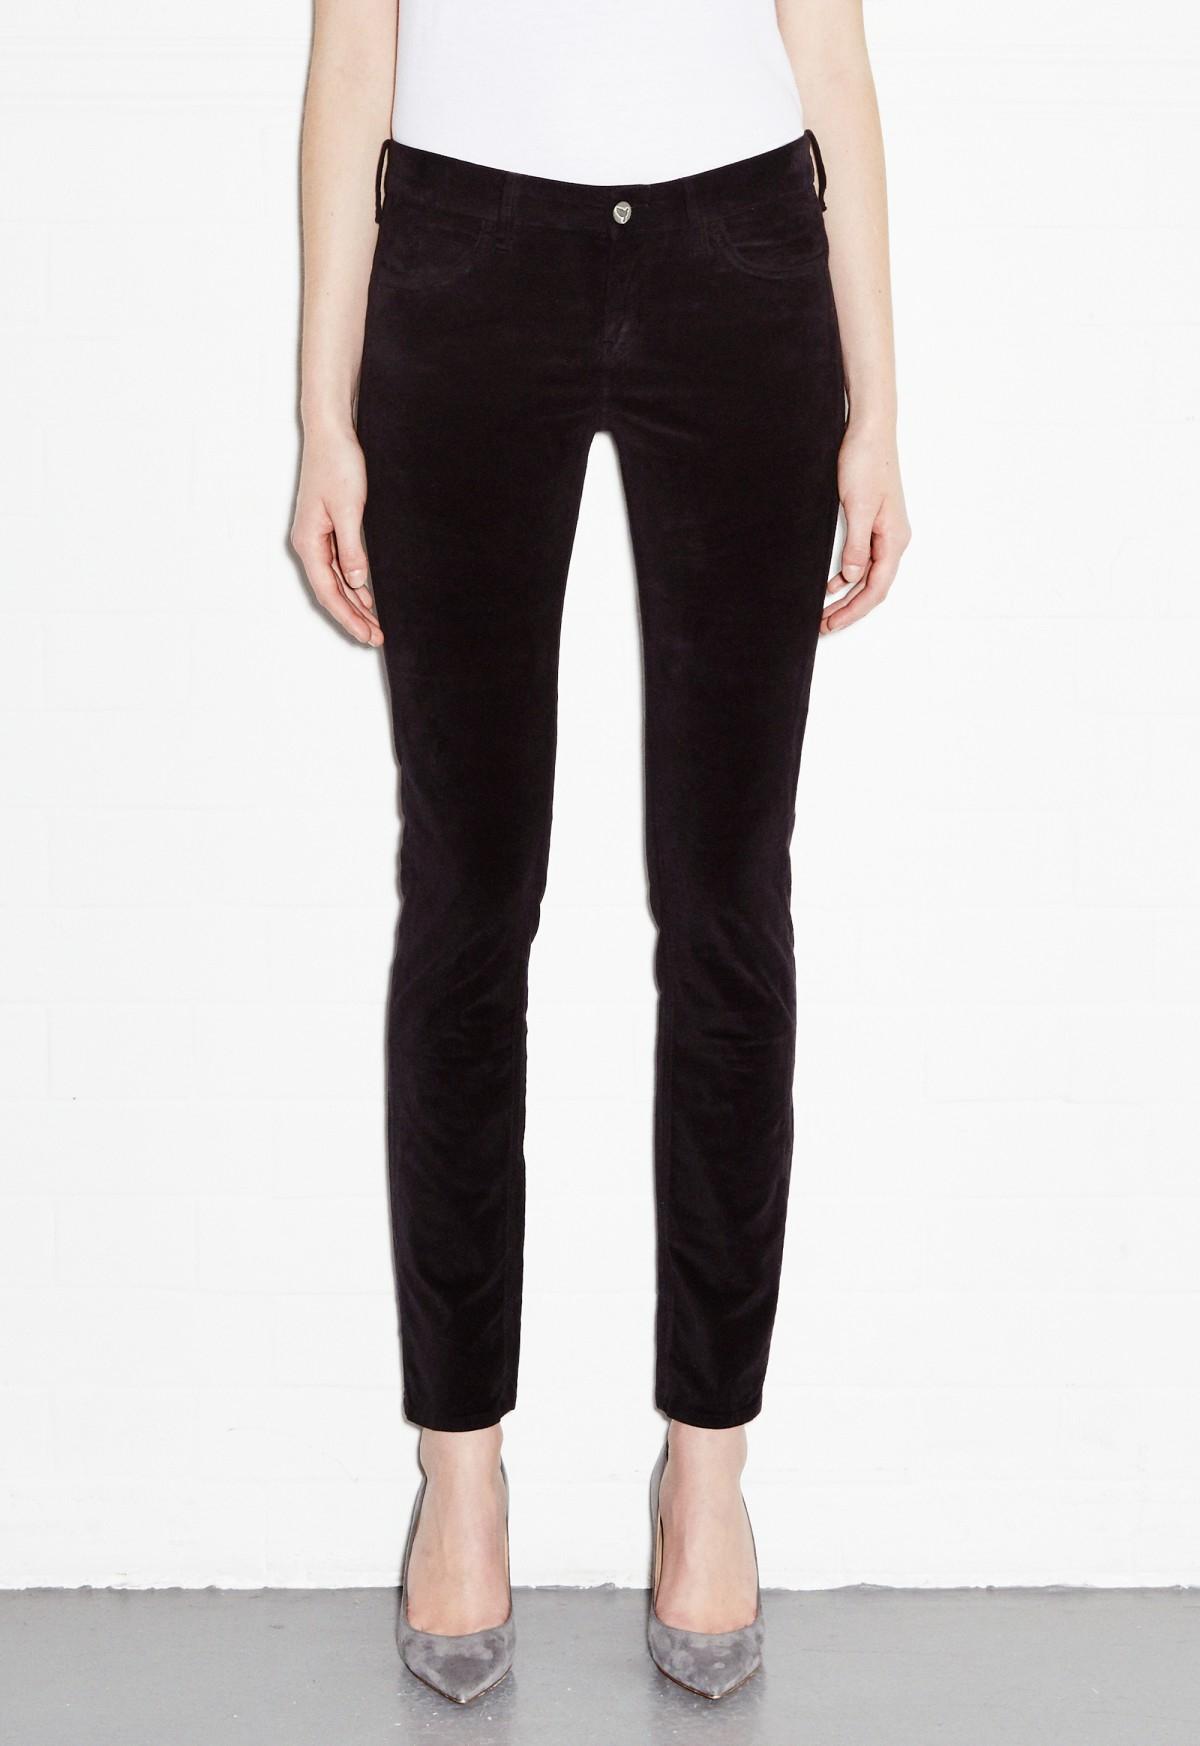 mih jeans bonn jean in black lyst. Black Bedroom Furniture Sets. Home Design Ideas